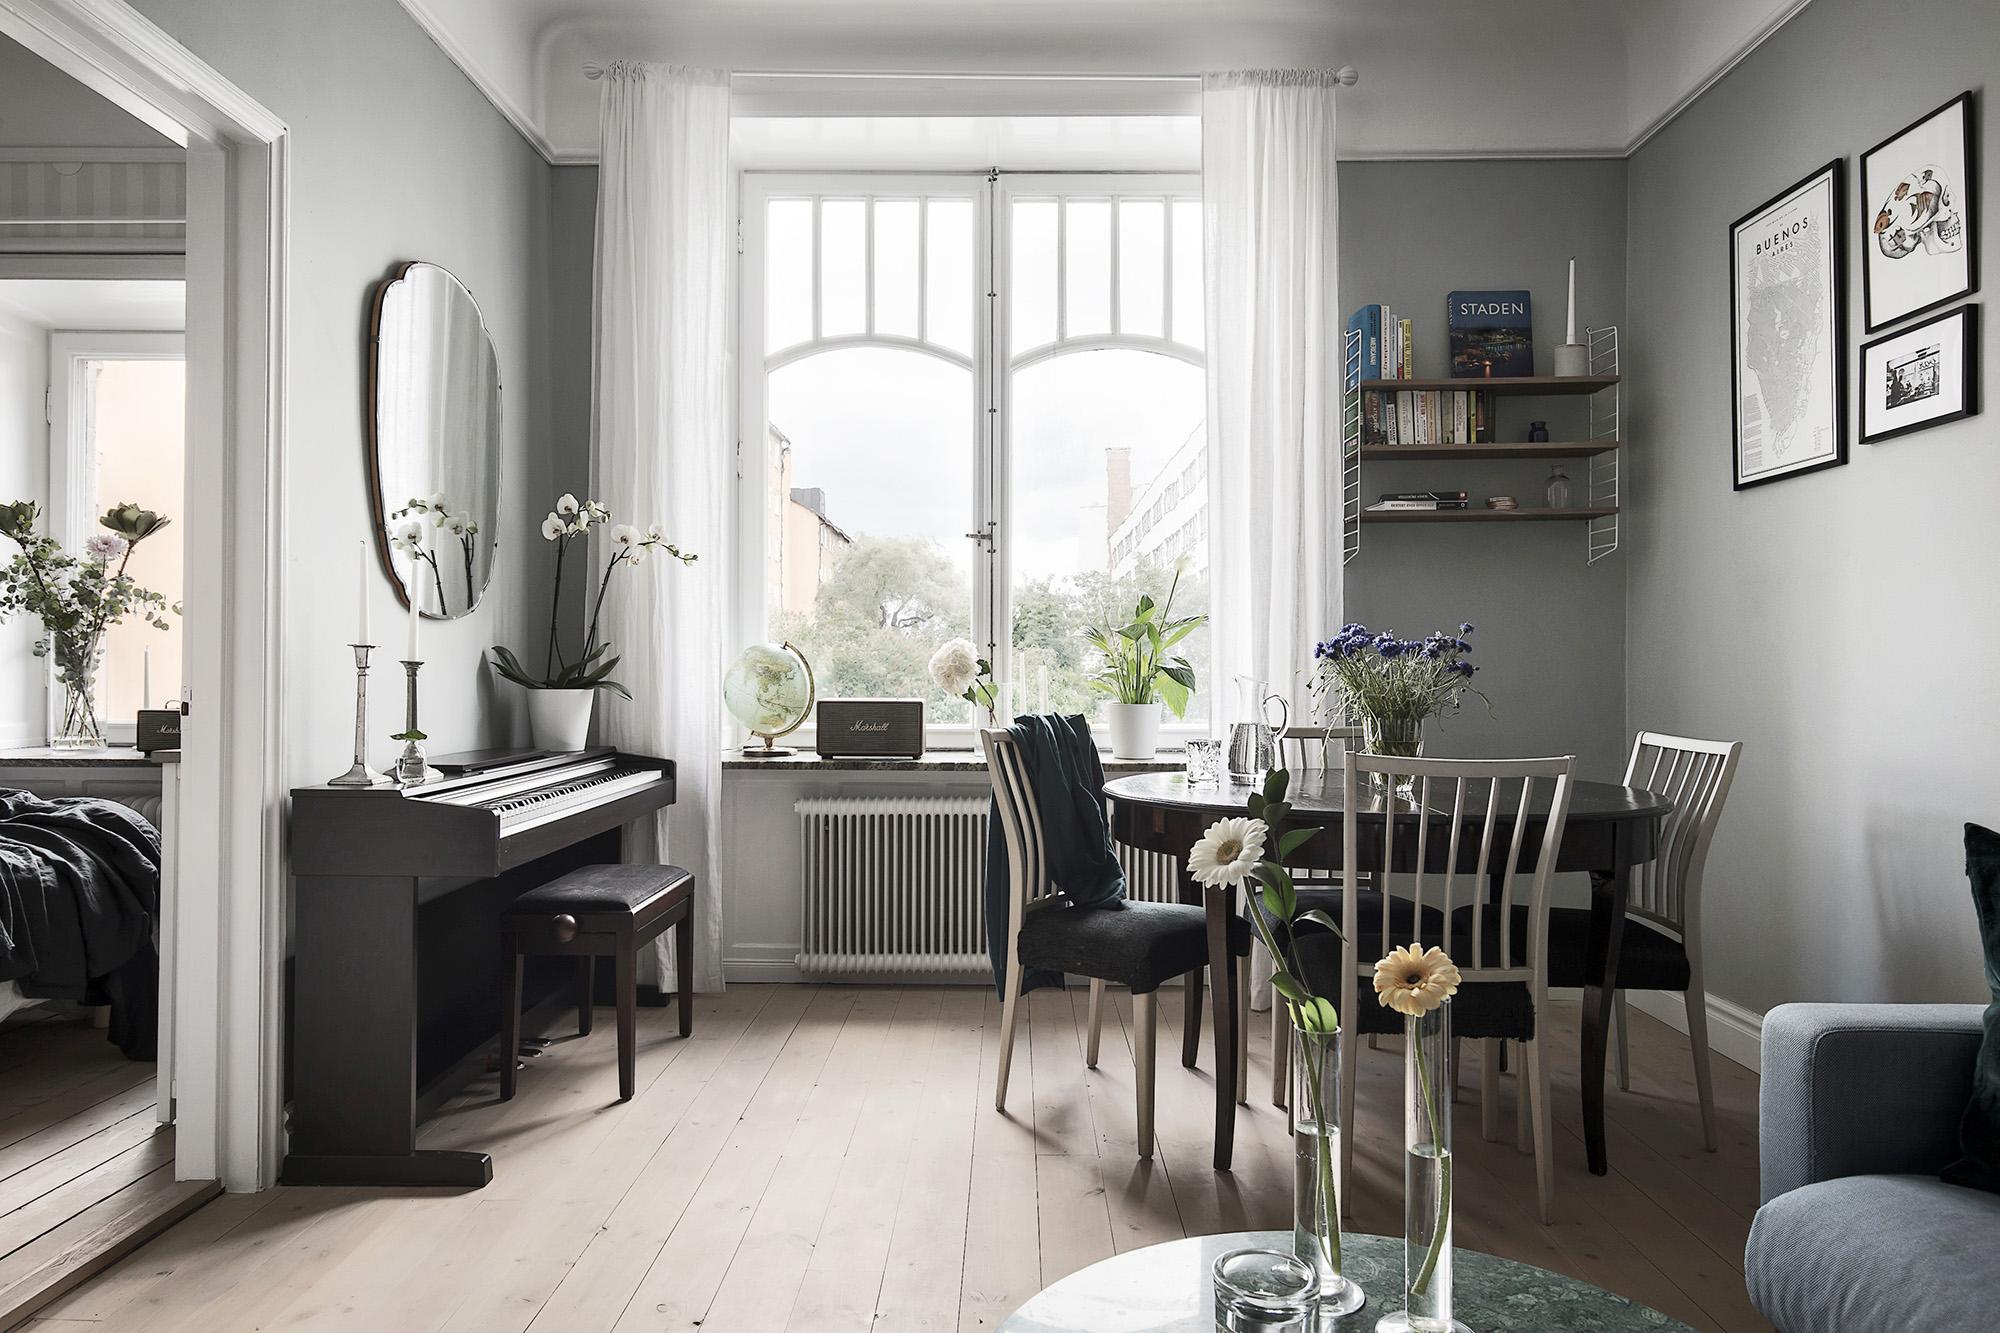 гостиная диван столик обеденный стол стулья окно подоконник глобус пианино зеркало